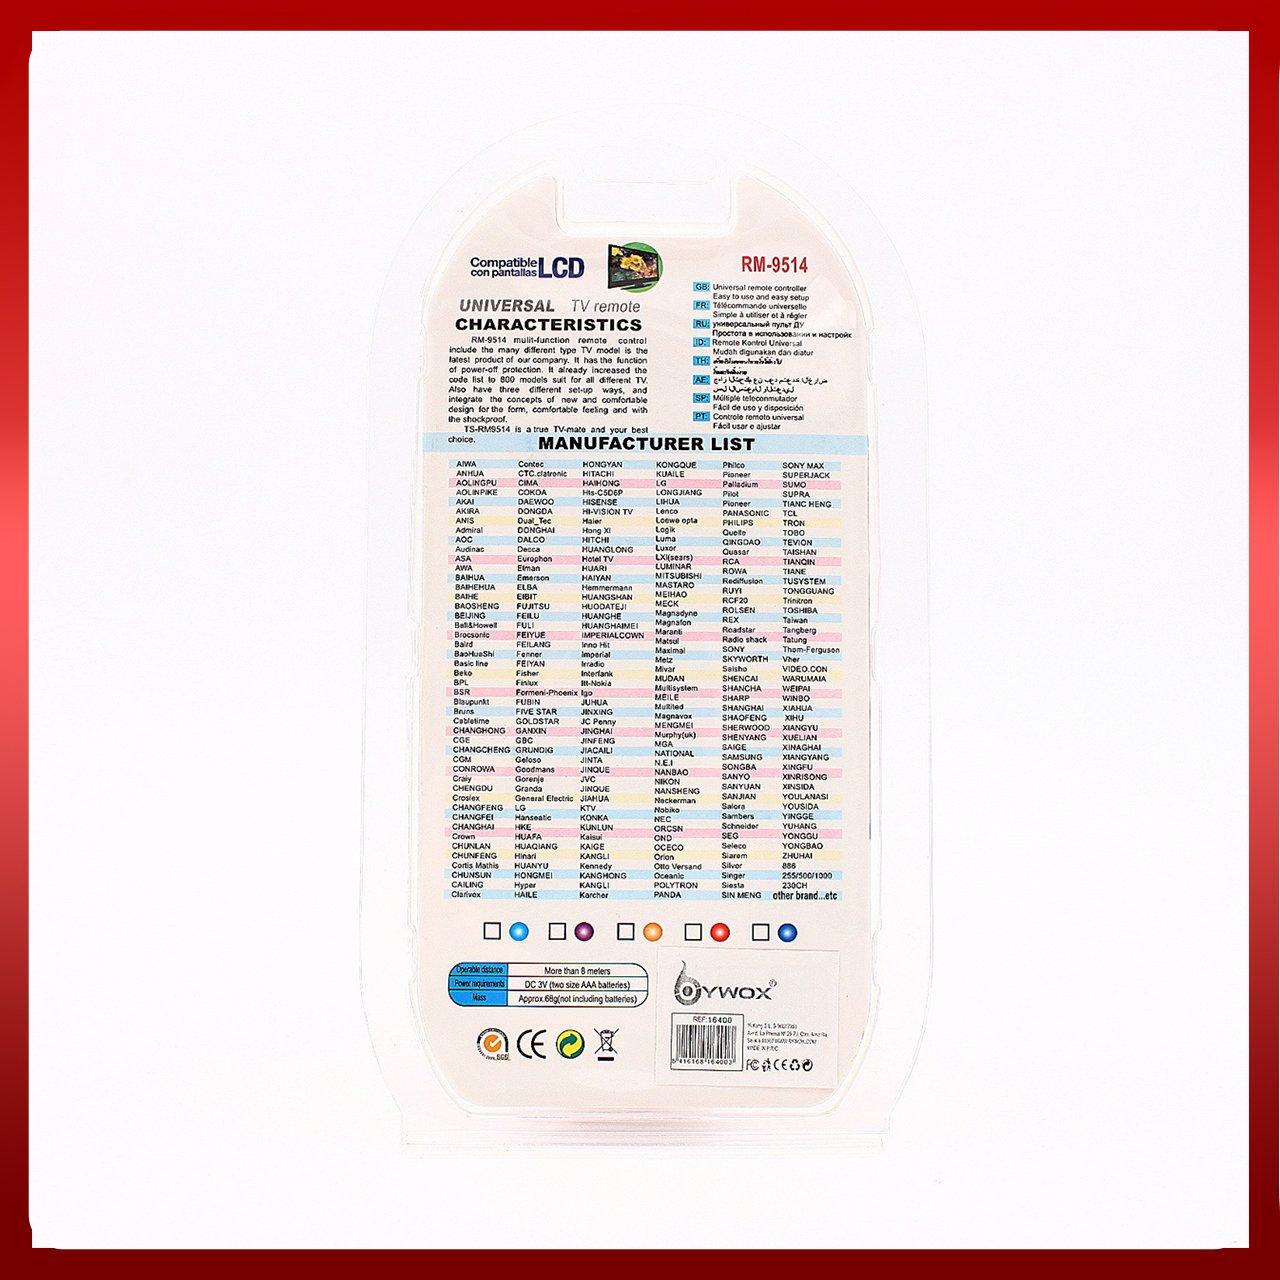 MANDO A DISTANCIA UNIVERSAL MILTIFUNCIÓN NARANJA RM-9514: Amazon.es: Electrónica